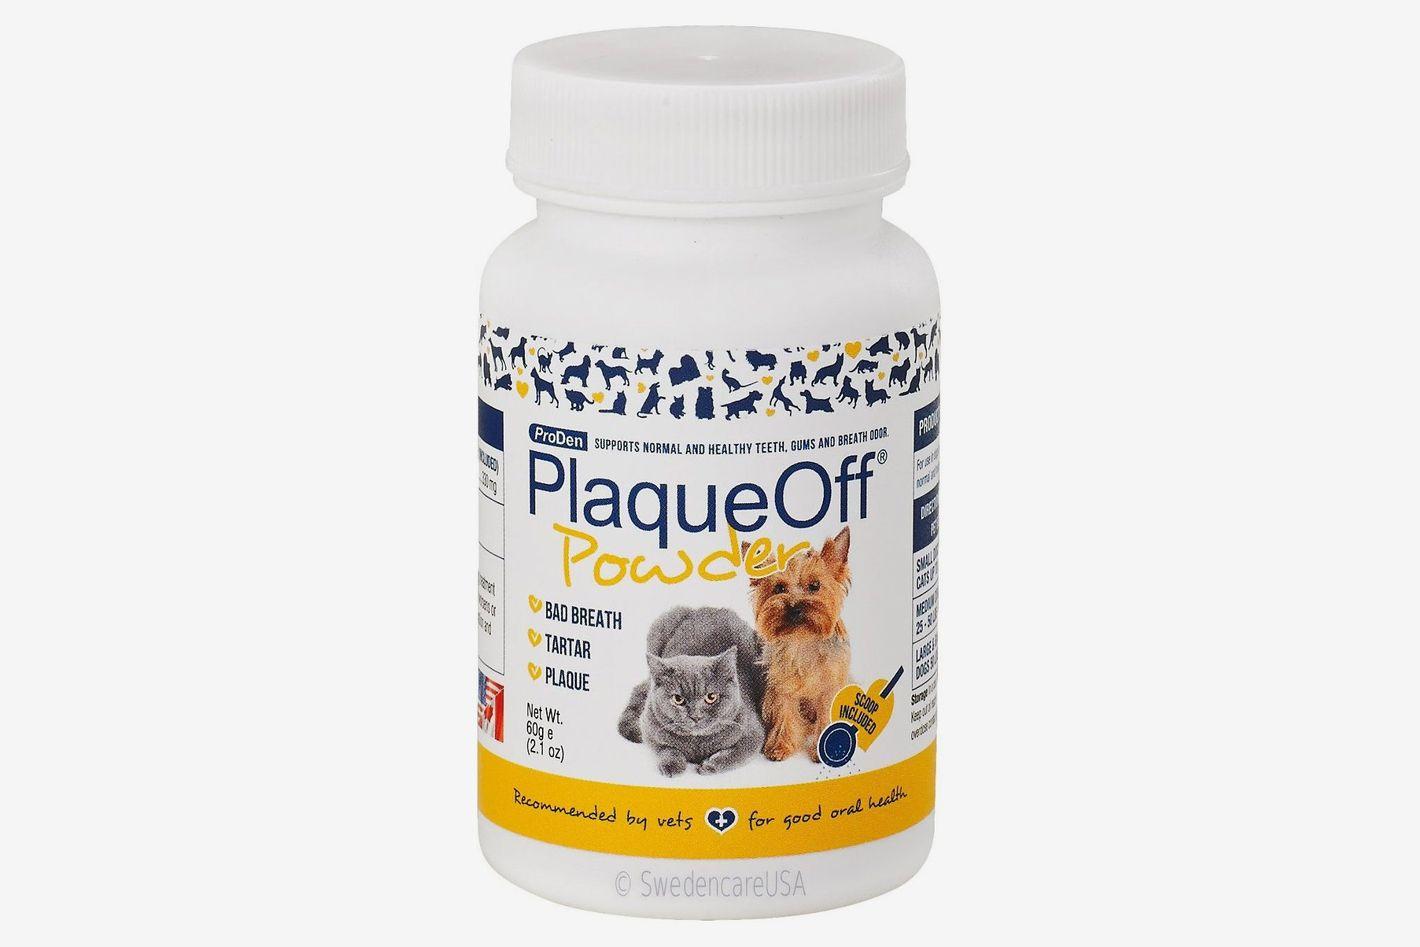 ProDen PlaqueOff Powder Dog & Cat Supplement